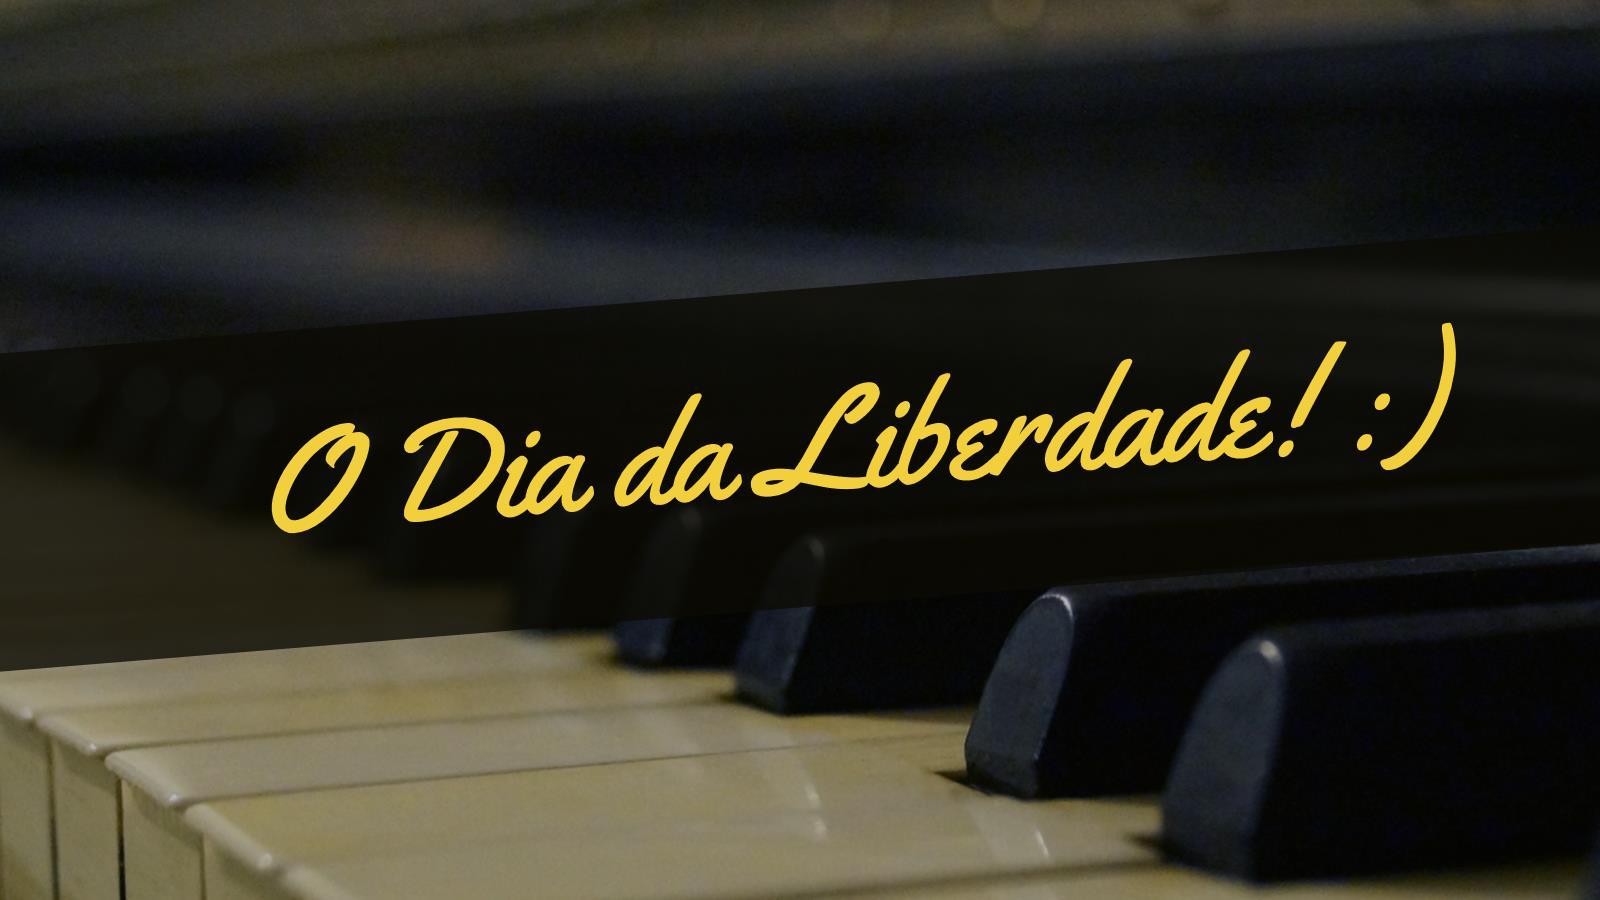 JJ PianoAdolescent